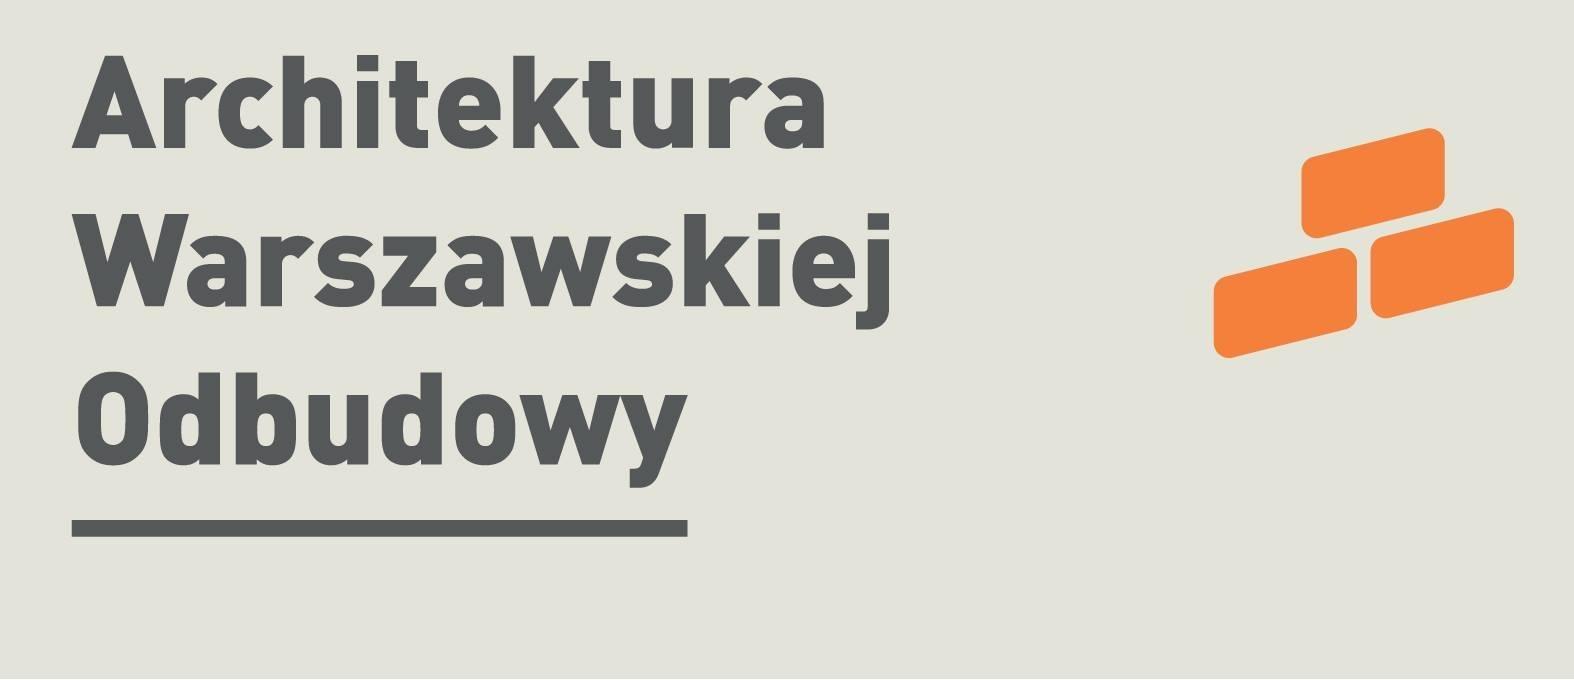 Mapa Architektury Warszawskiej Odbudowy – spacerowy niezbędnik!